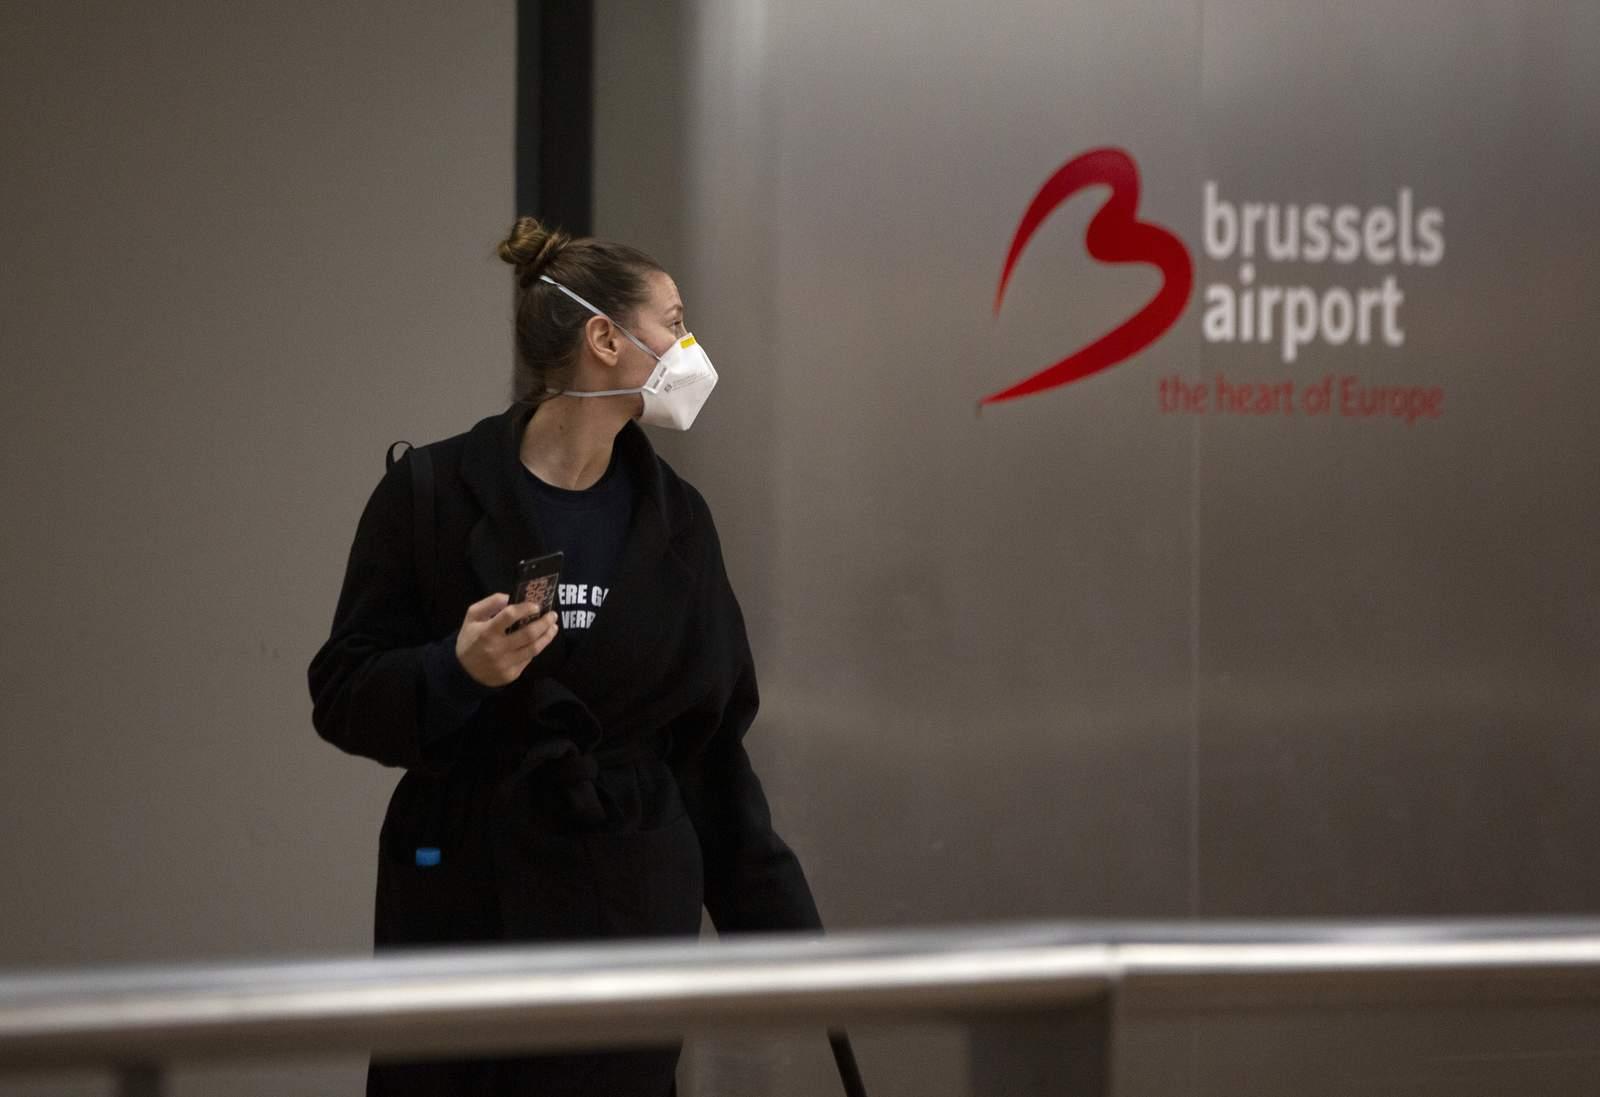 La UE insta a los controles de salud fronterizos a medida que aumenta el número de casos de virus 1